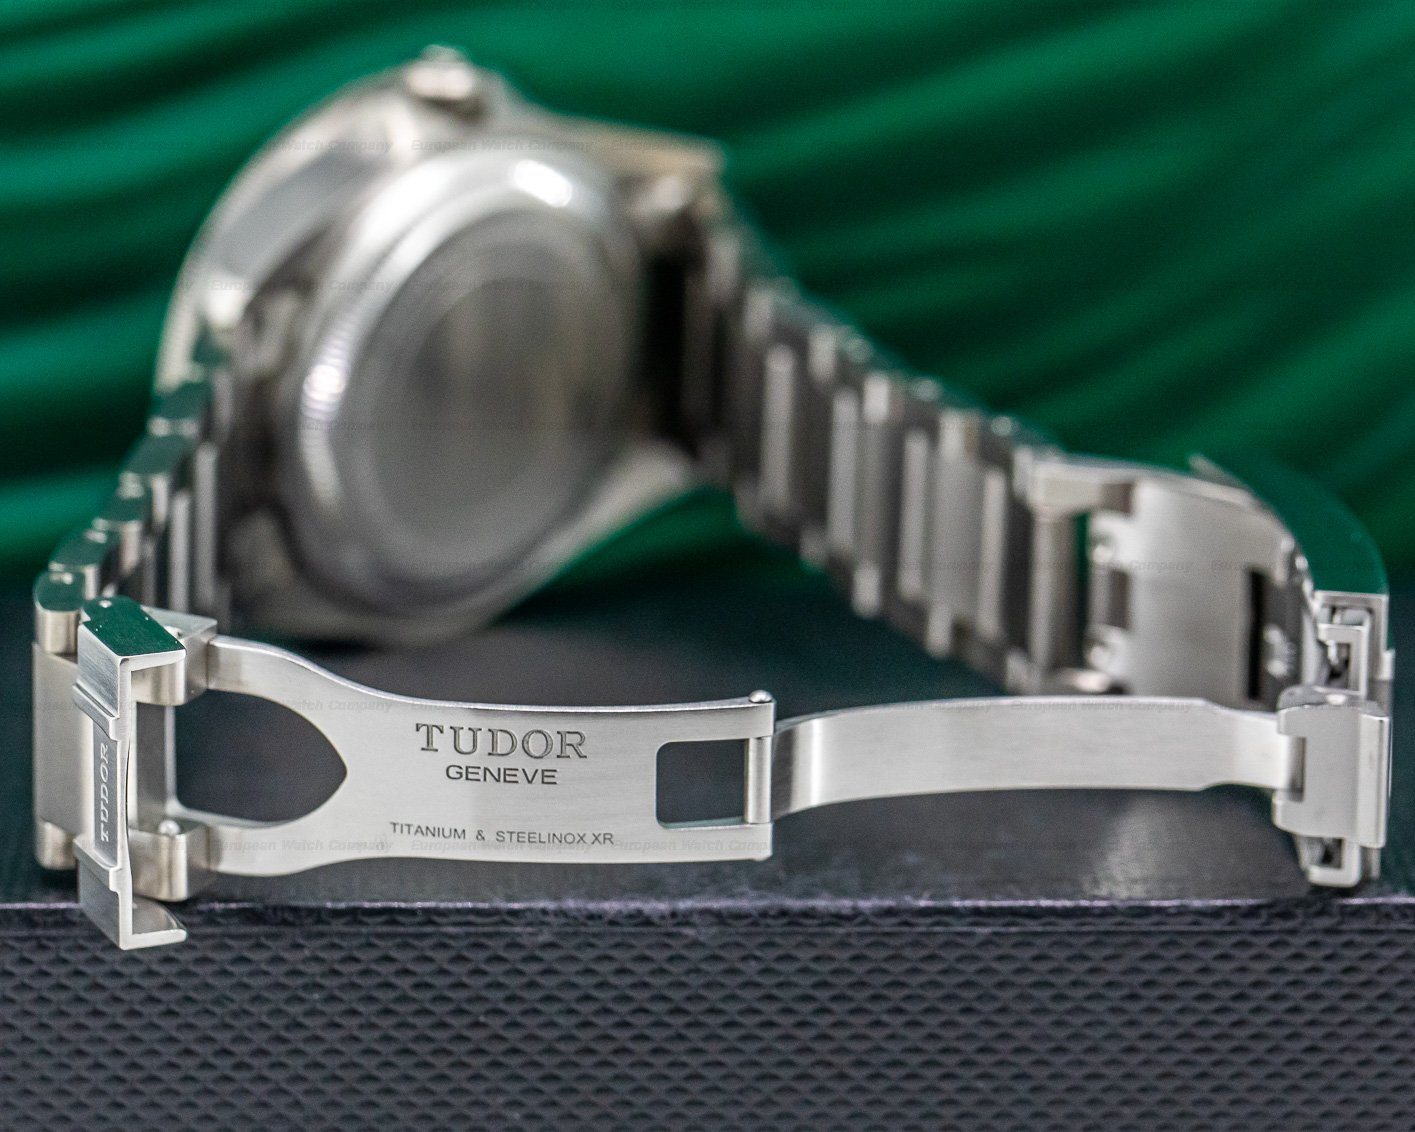 Tudor 25600TN Pelagos Black Dial Titanium / Bracelet